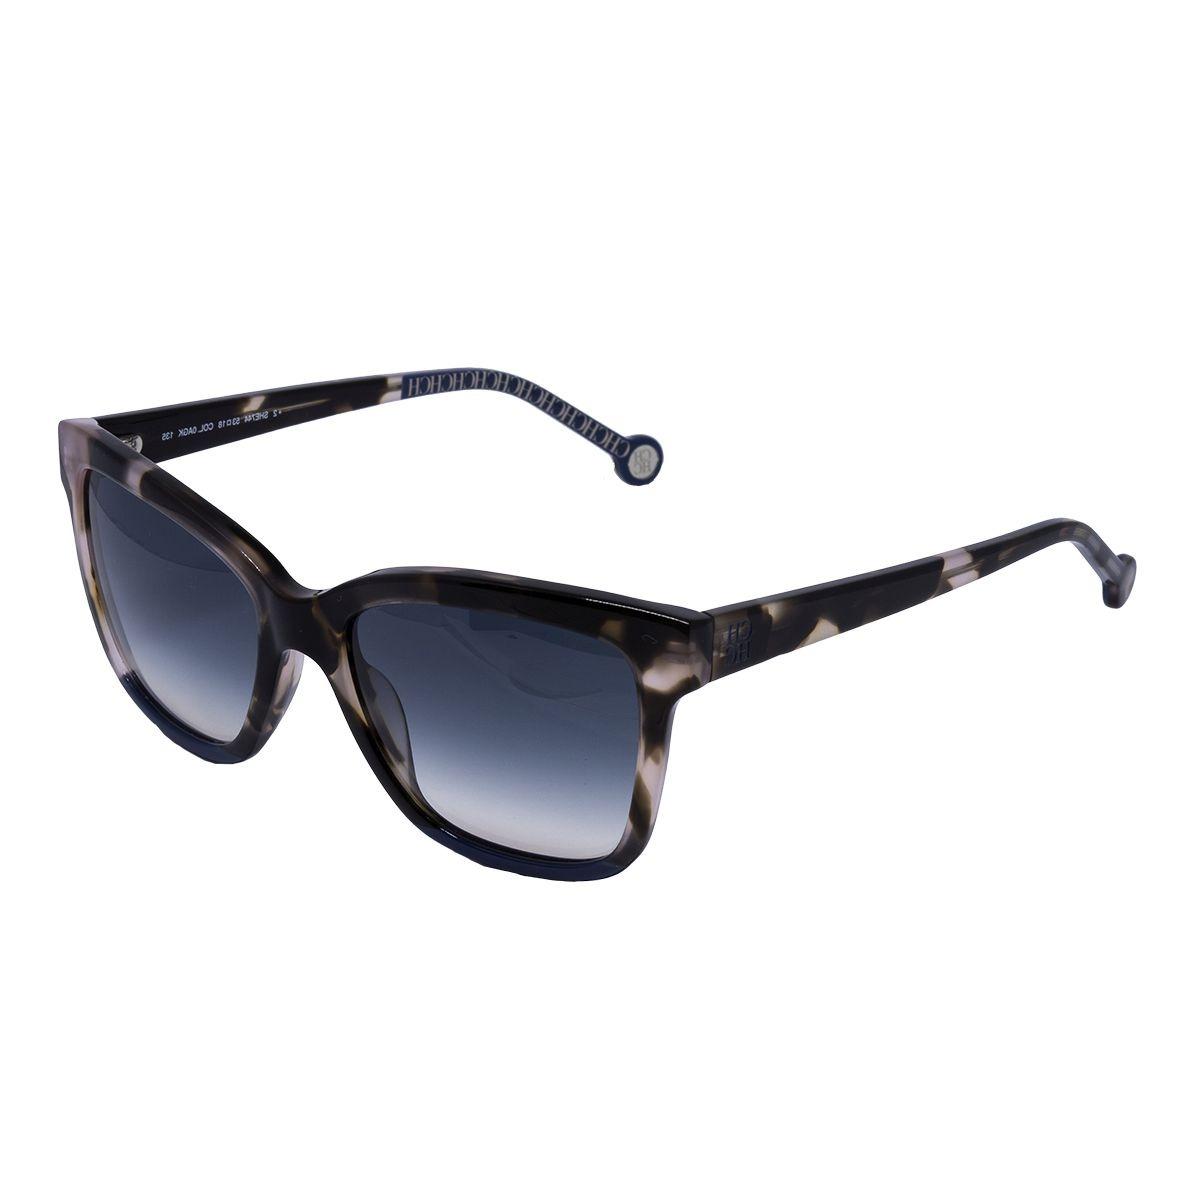 3e104bf6e1b83 Óculos De Sol Carolina Herrera Original She744 - R  855,00 em ...